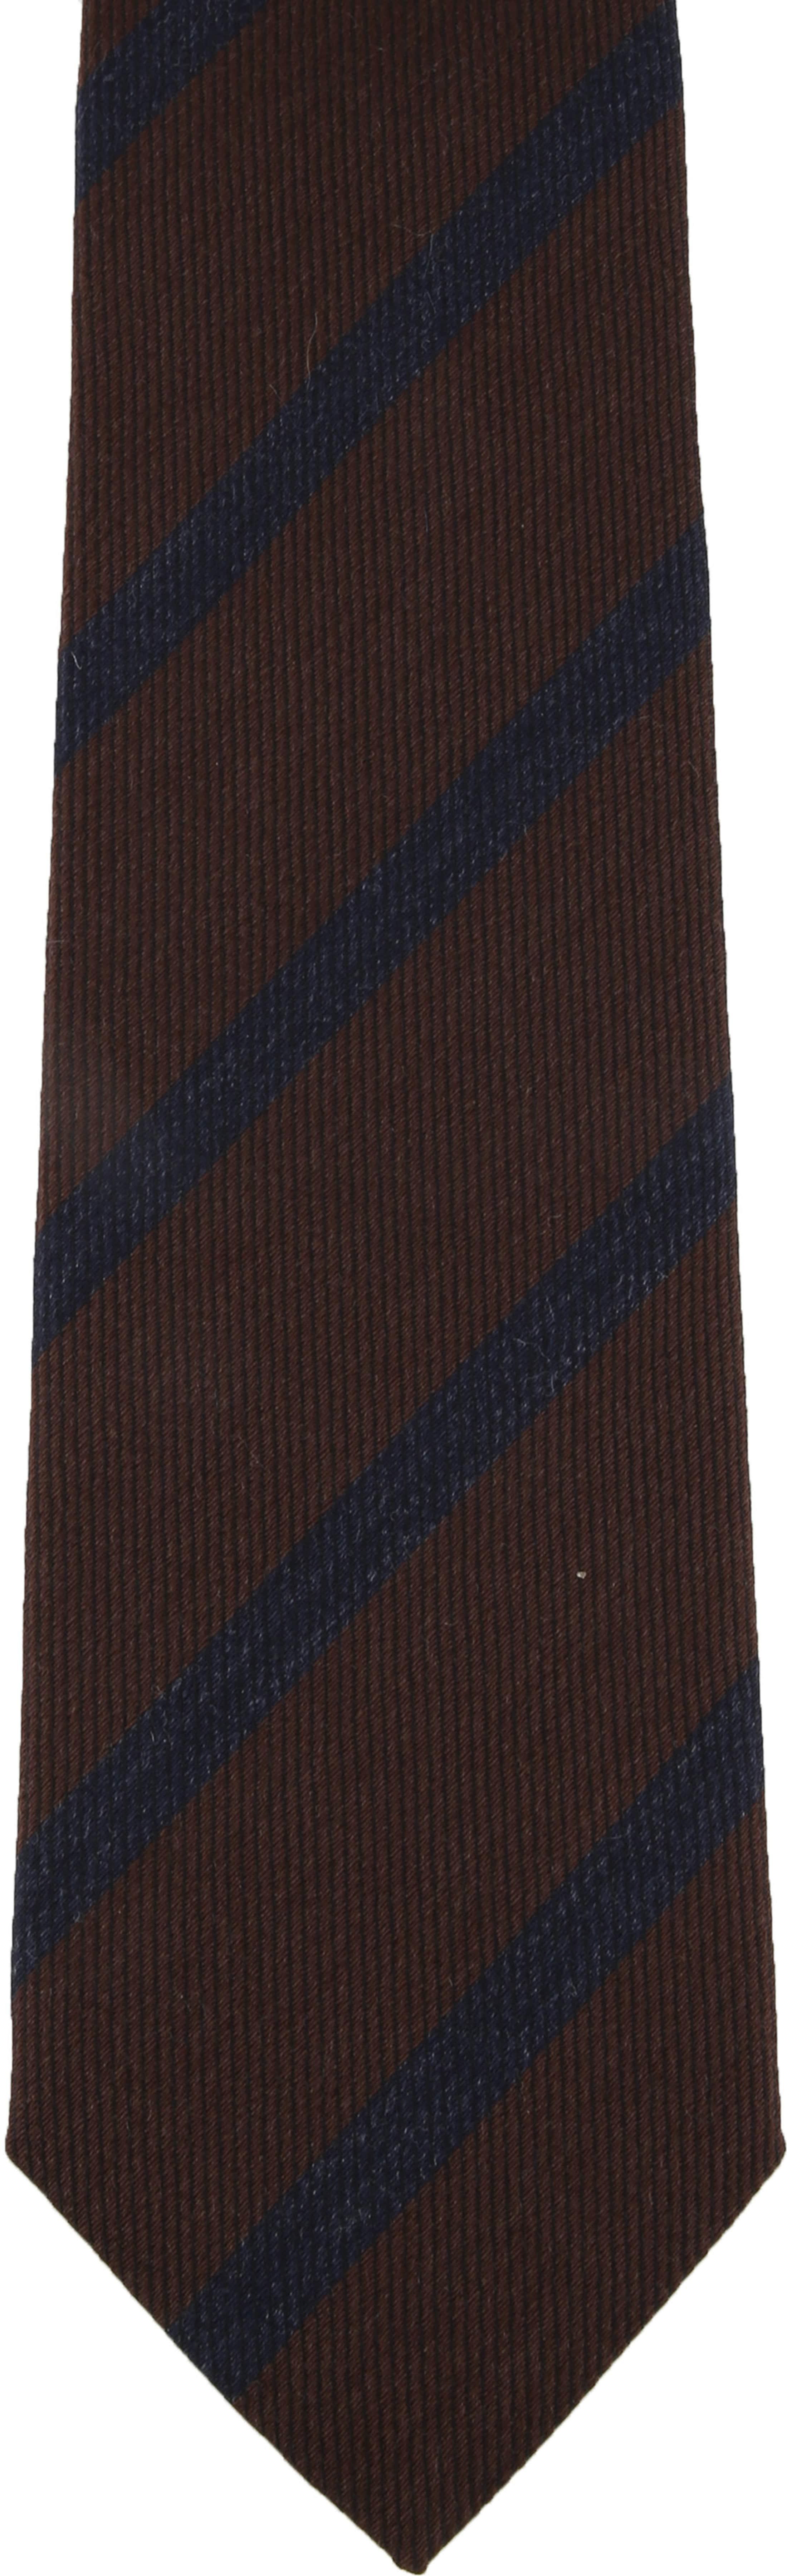 Suitable Krawatte Streifen Braun Foto 1